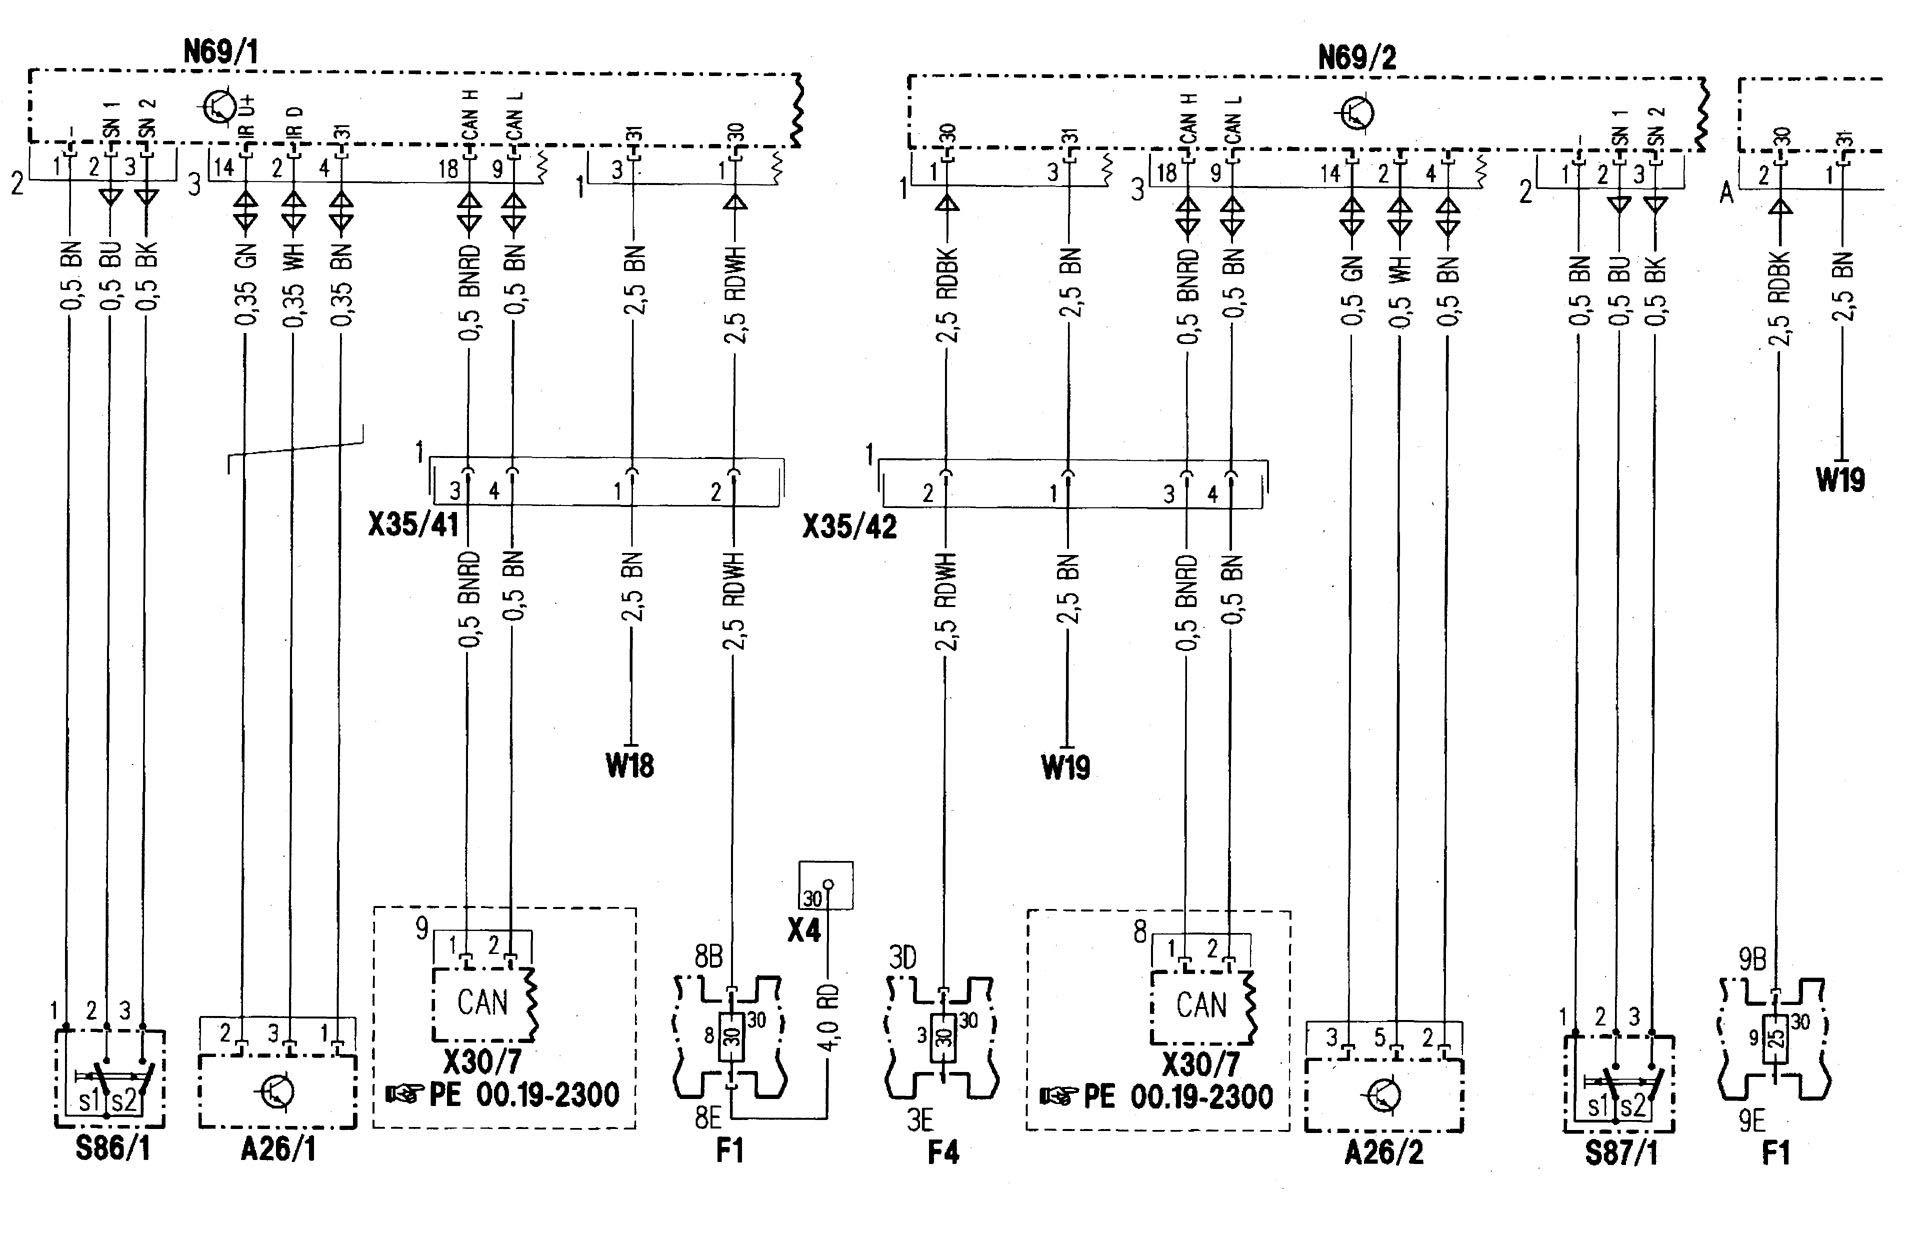 Diagram Mercedes Benz C280 Wiring Diagram Full Version Hd Quality Wiring Diagram Tabletodiagram Edelynetaxi Fr